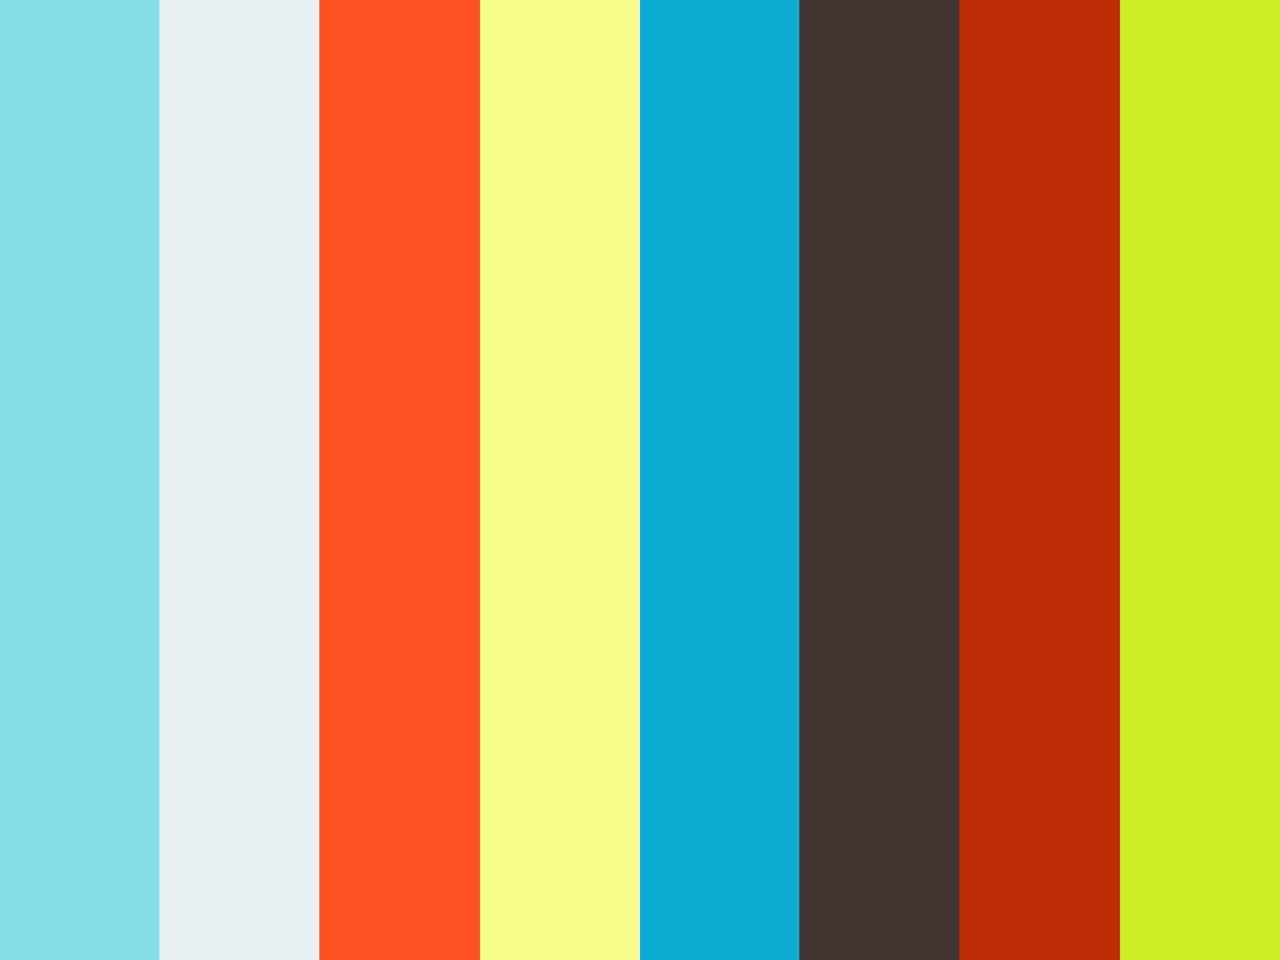 DIE REISE DER PINGUINE 2 | Luc Jacquet | Filmausschnitte (German)